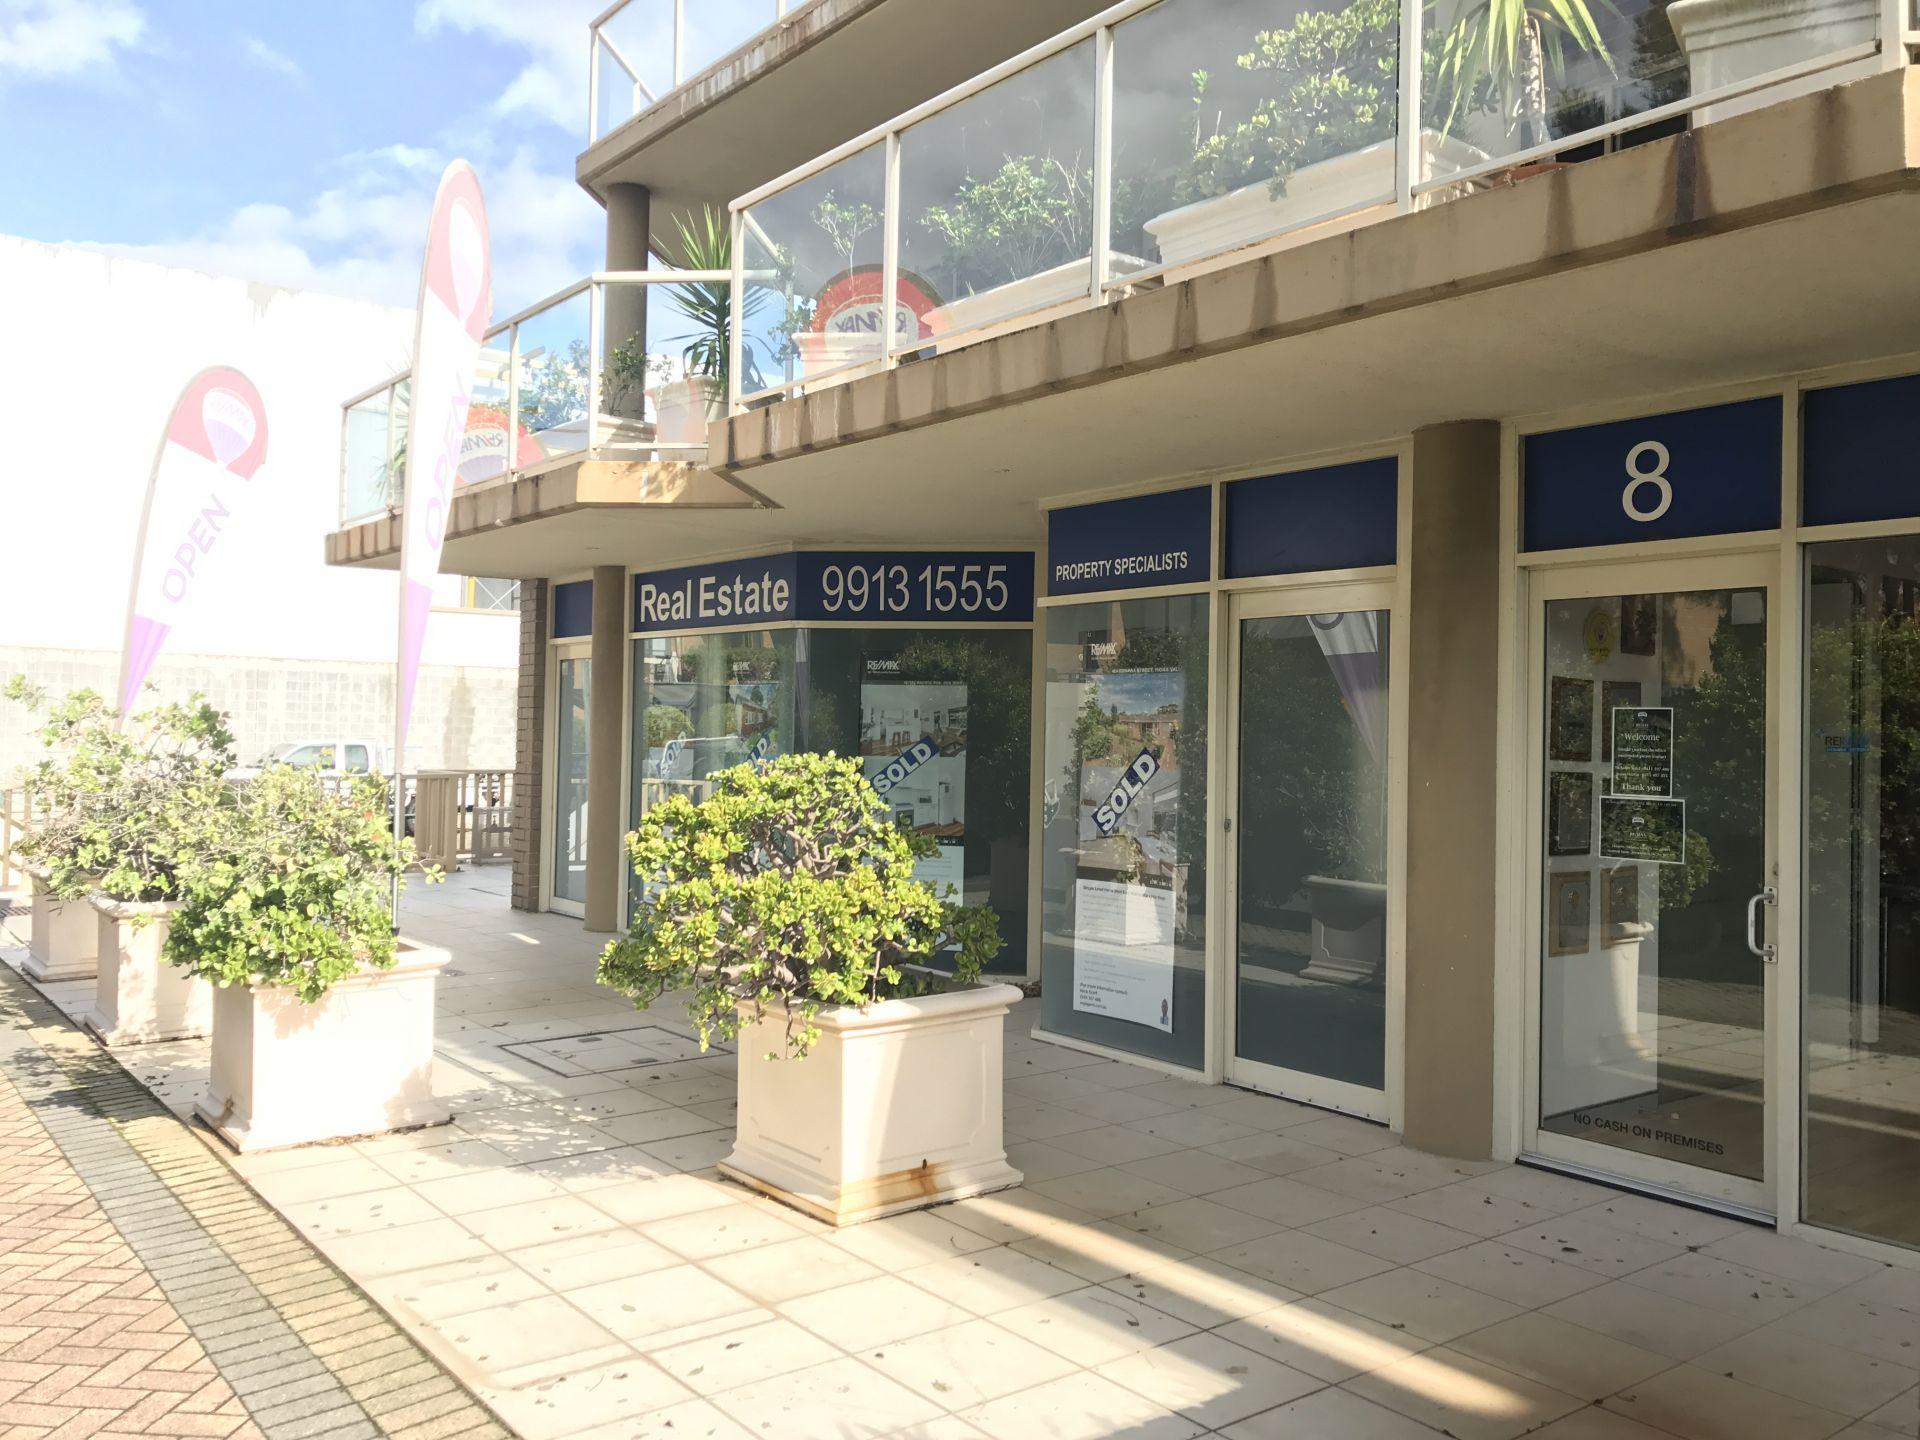 Ground Floor Retail in Heart of Narrabeen!